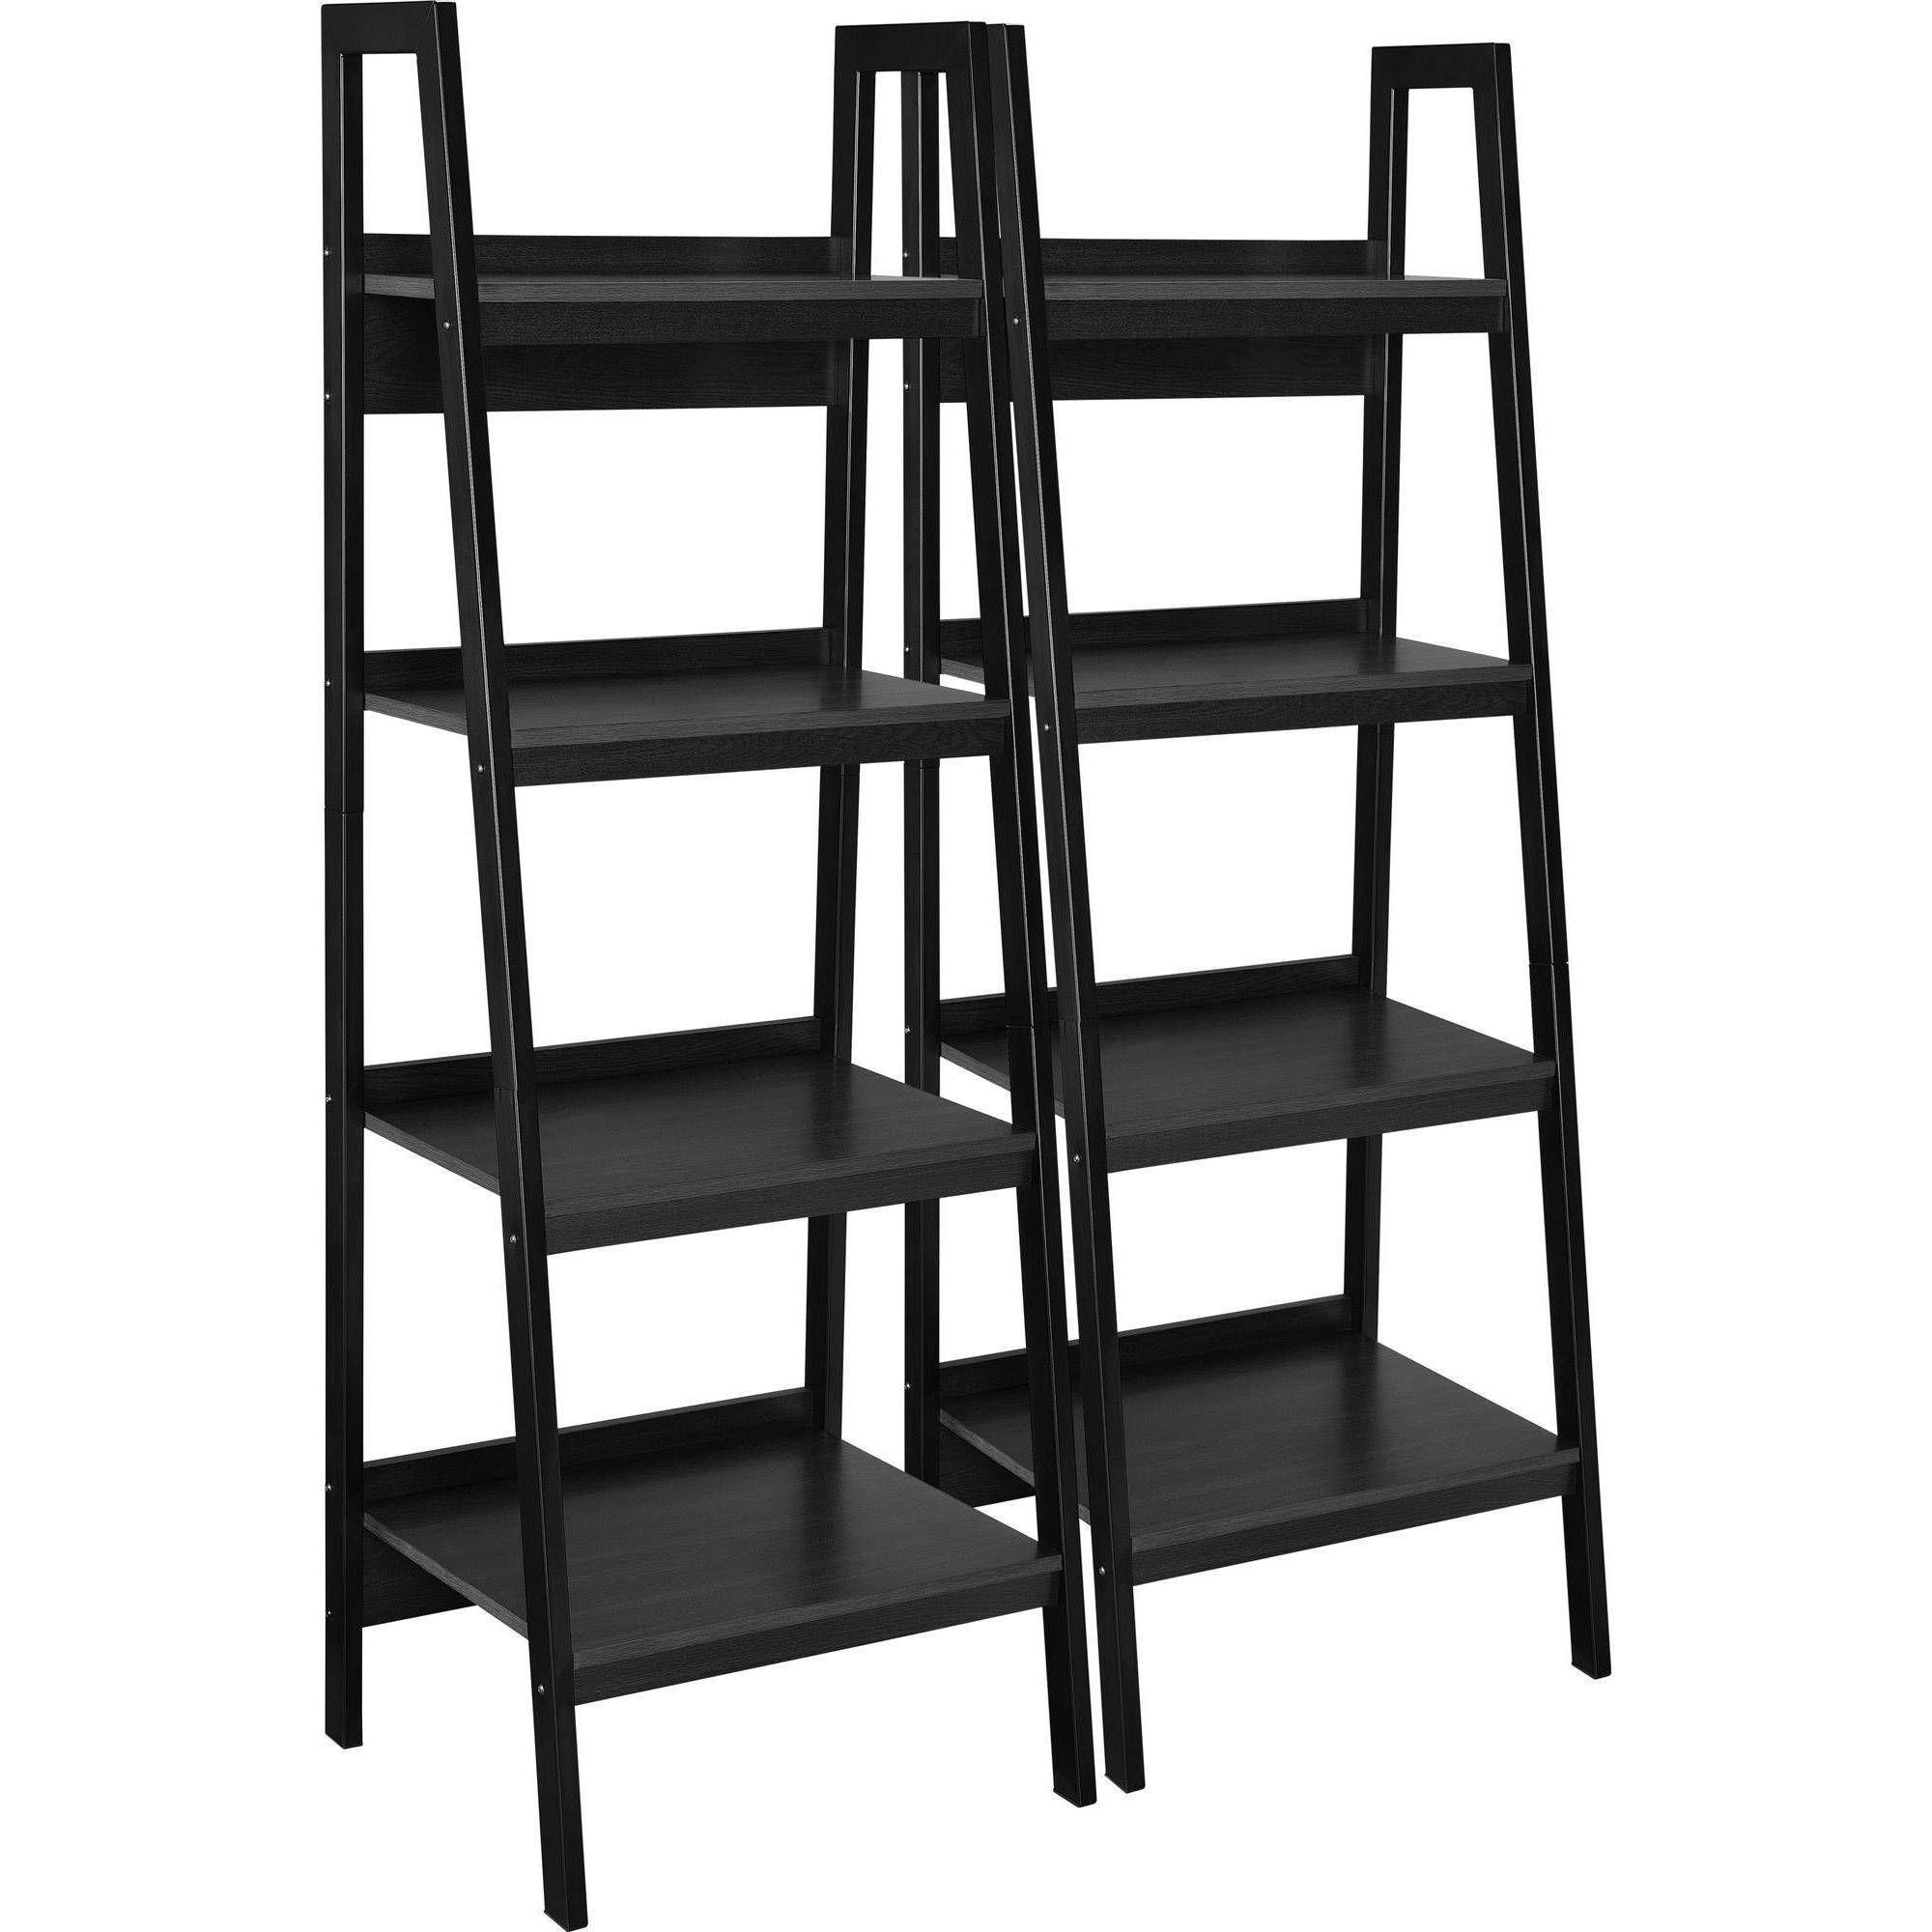 Ameriwood home hayes 4 shelf ladder bookcase bundle black